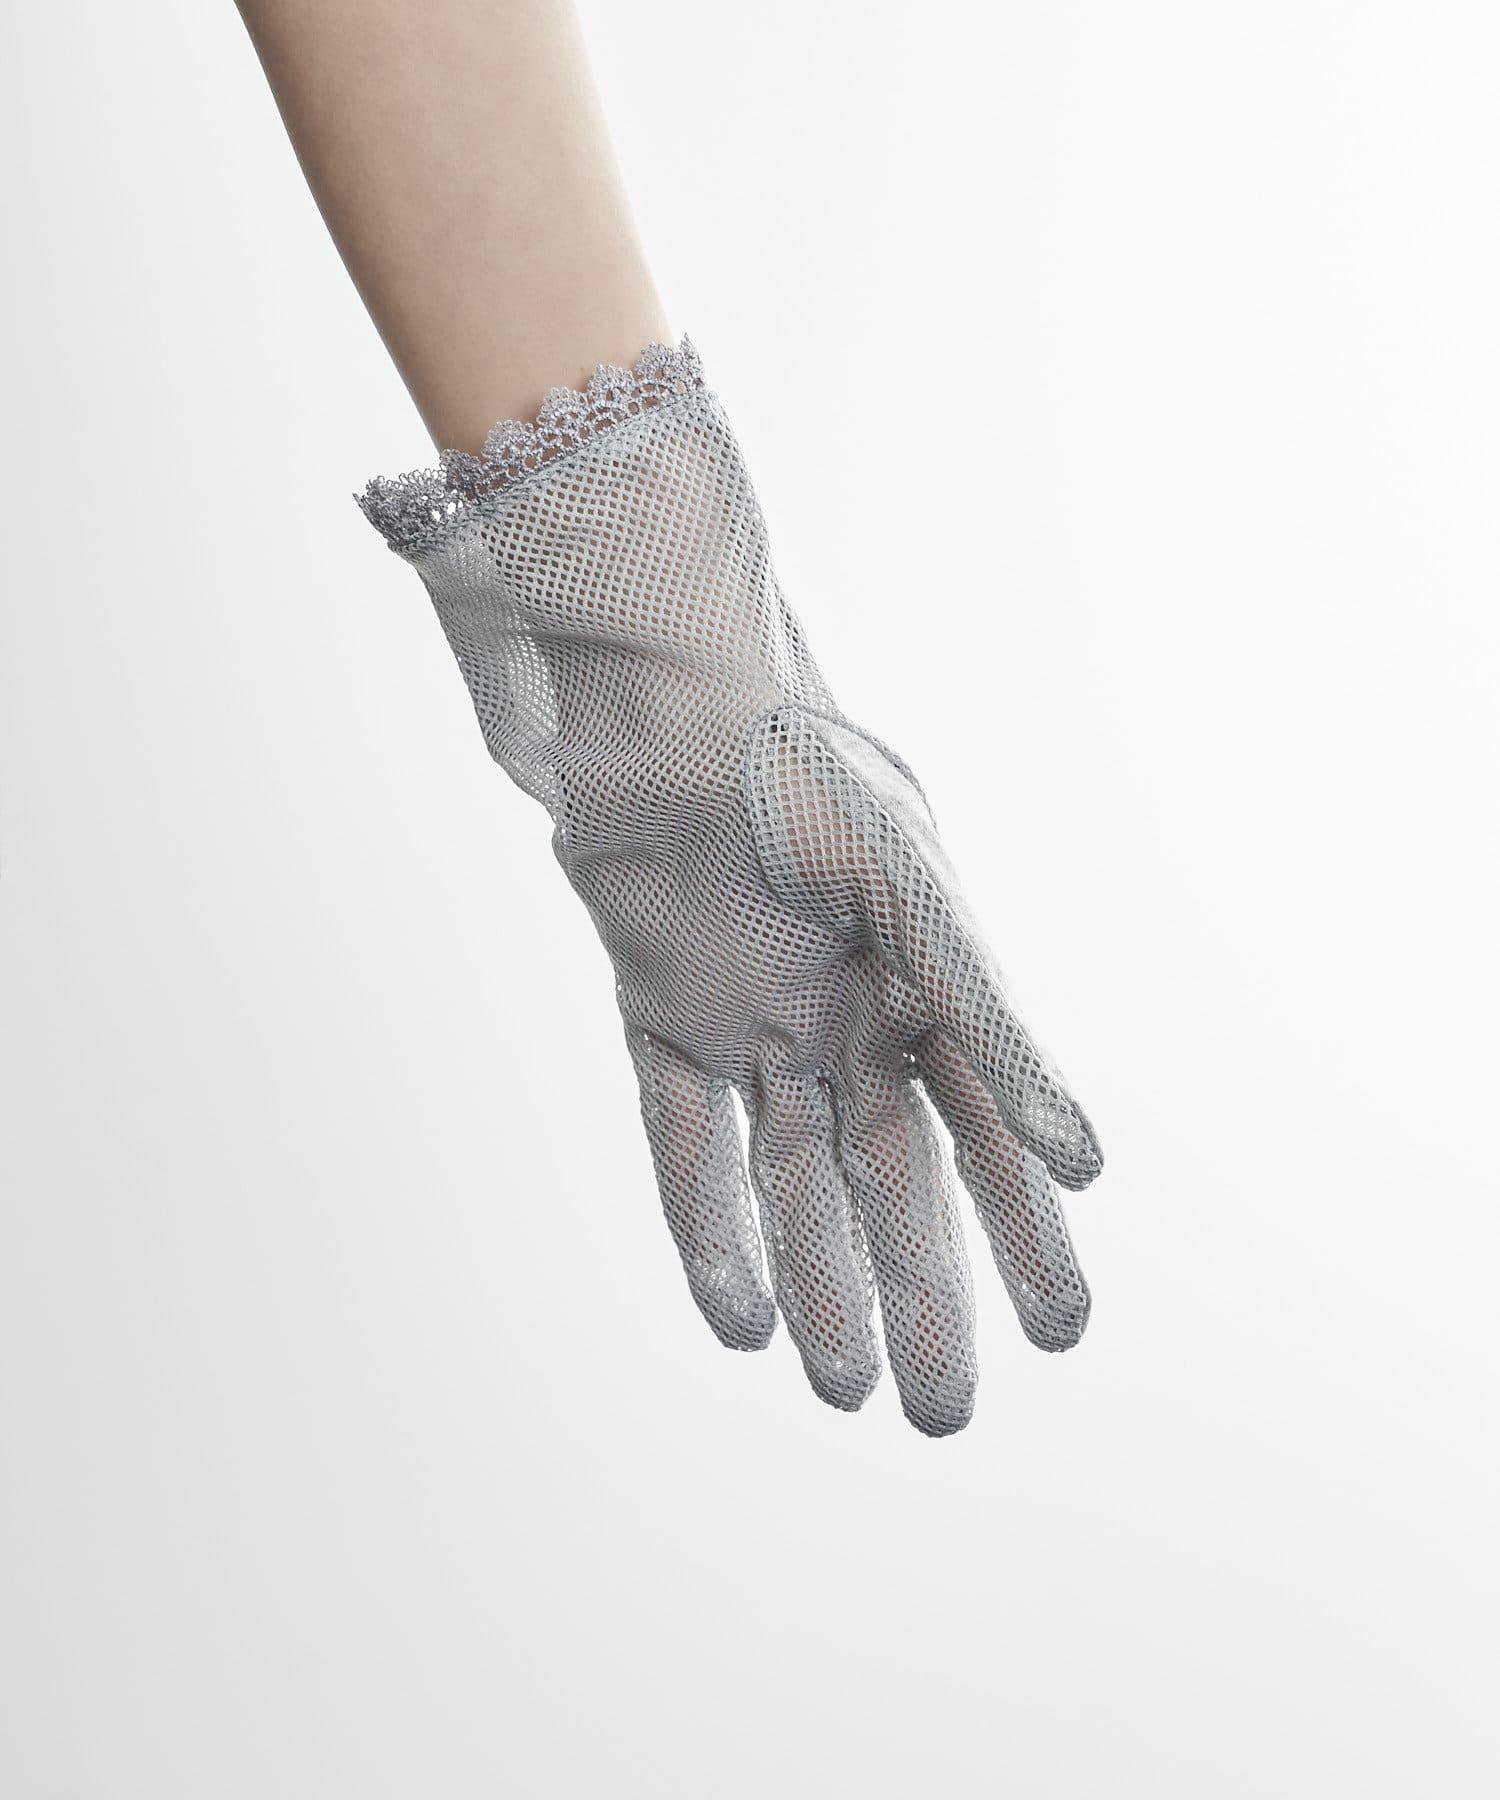 3COINS(スリーコインズ) ライフスタイル 【快適な日差し対策】冷感グローブショート丈 グレー